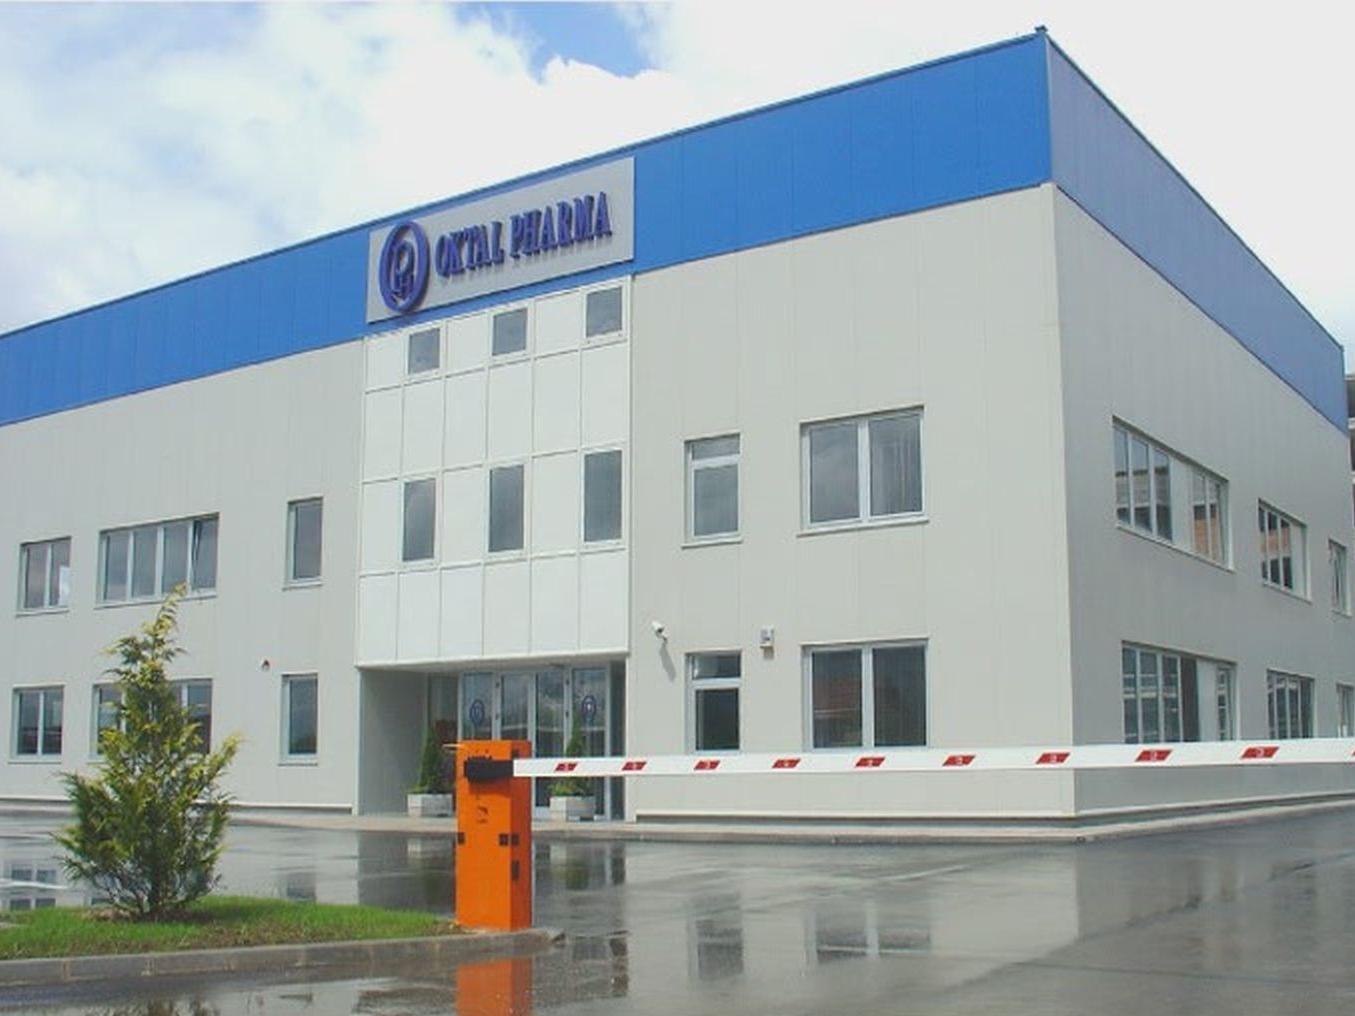 V Sarajevu odprt nov poslovni objekt in skladišče